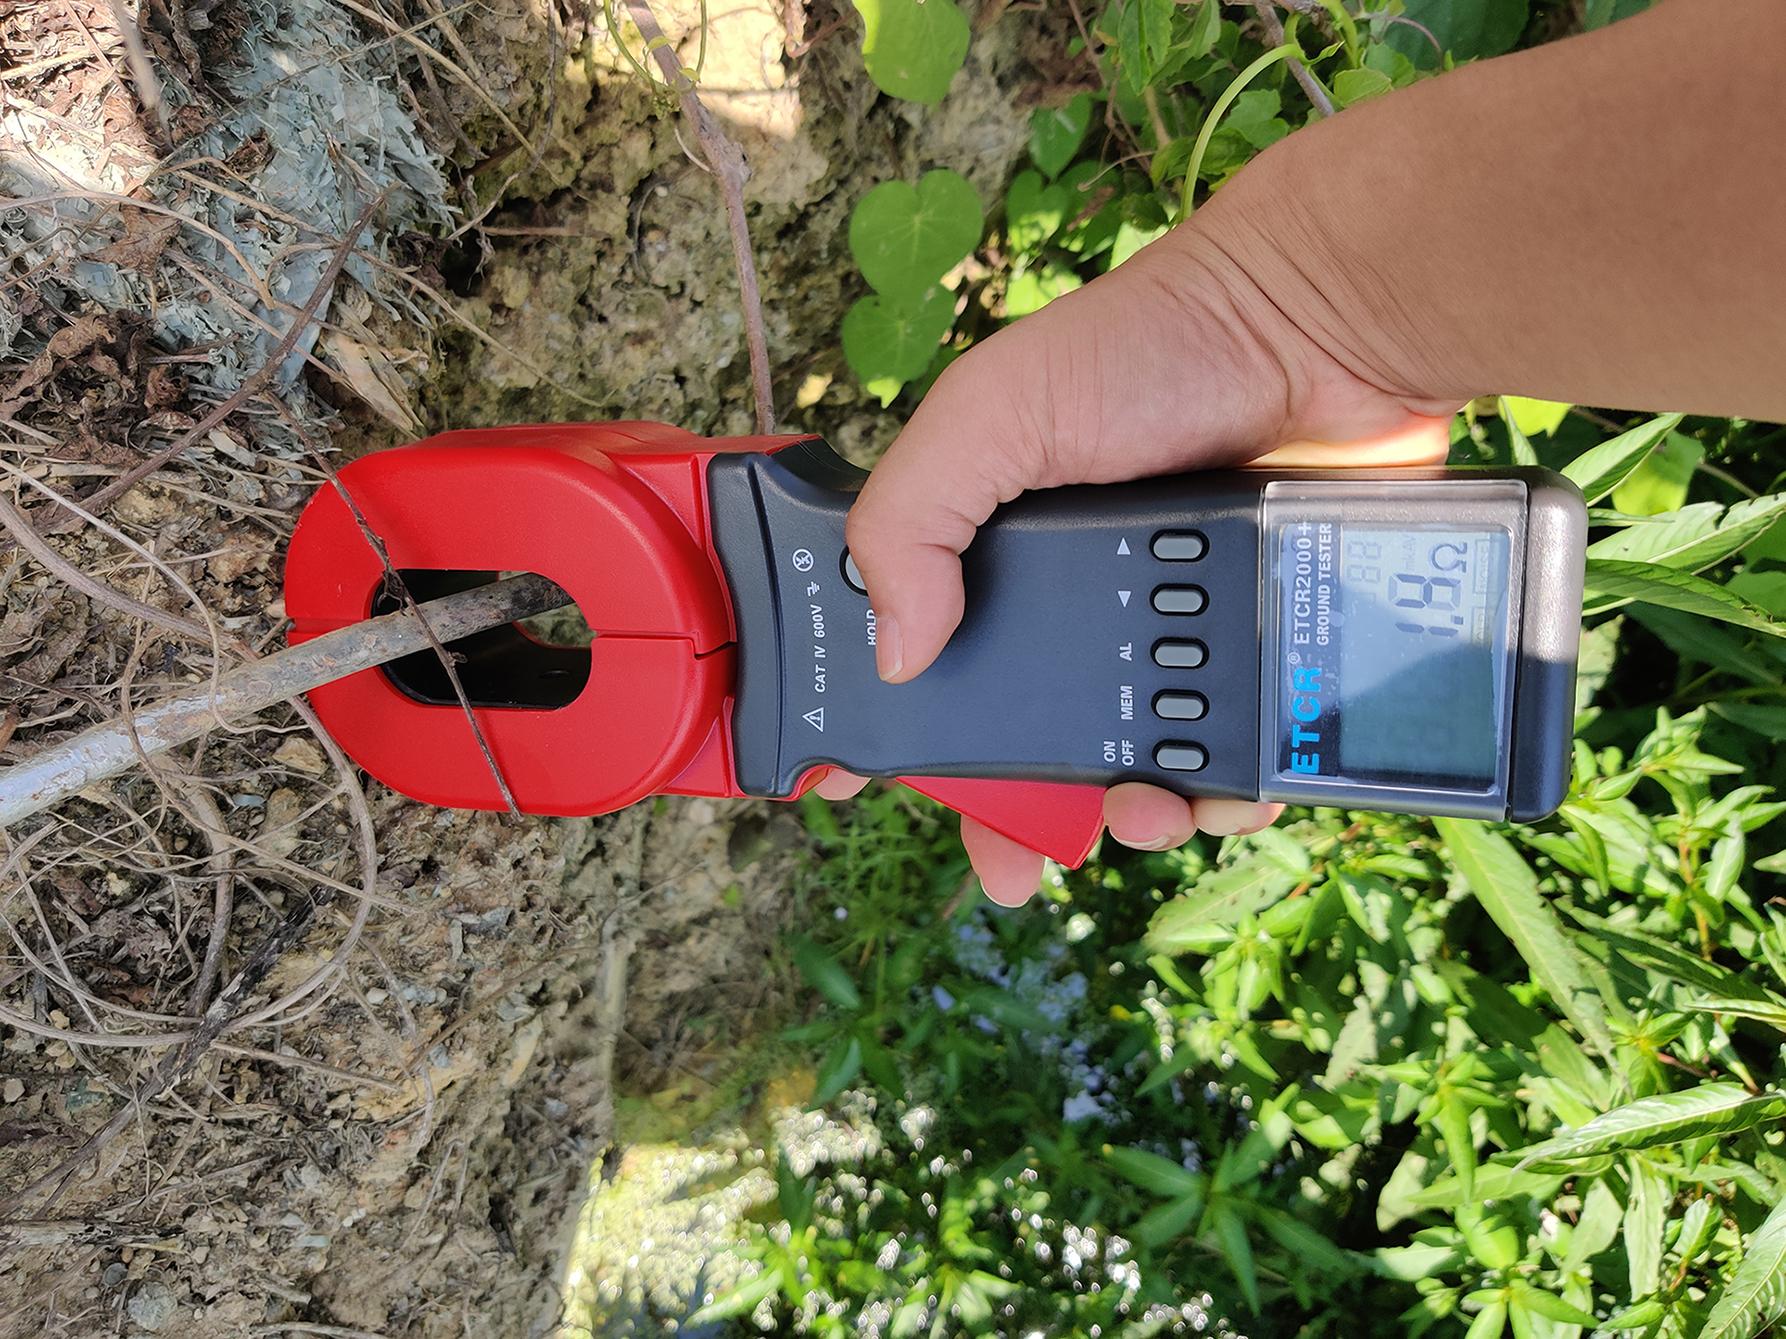 现场测试-ETCR接地电阻测试仪应用测试